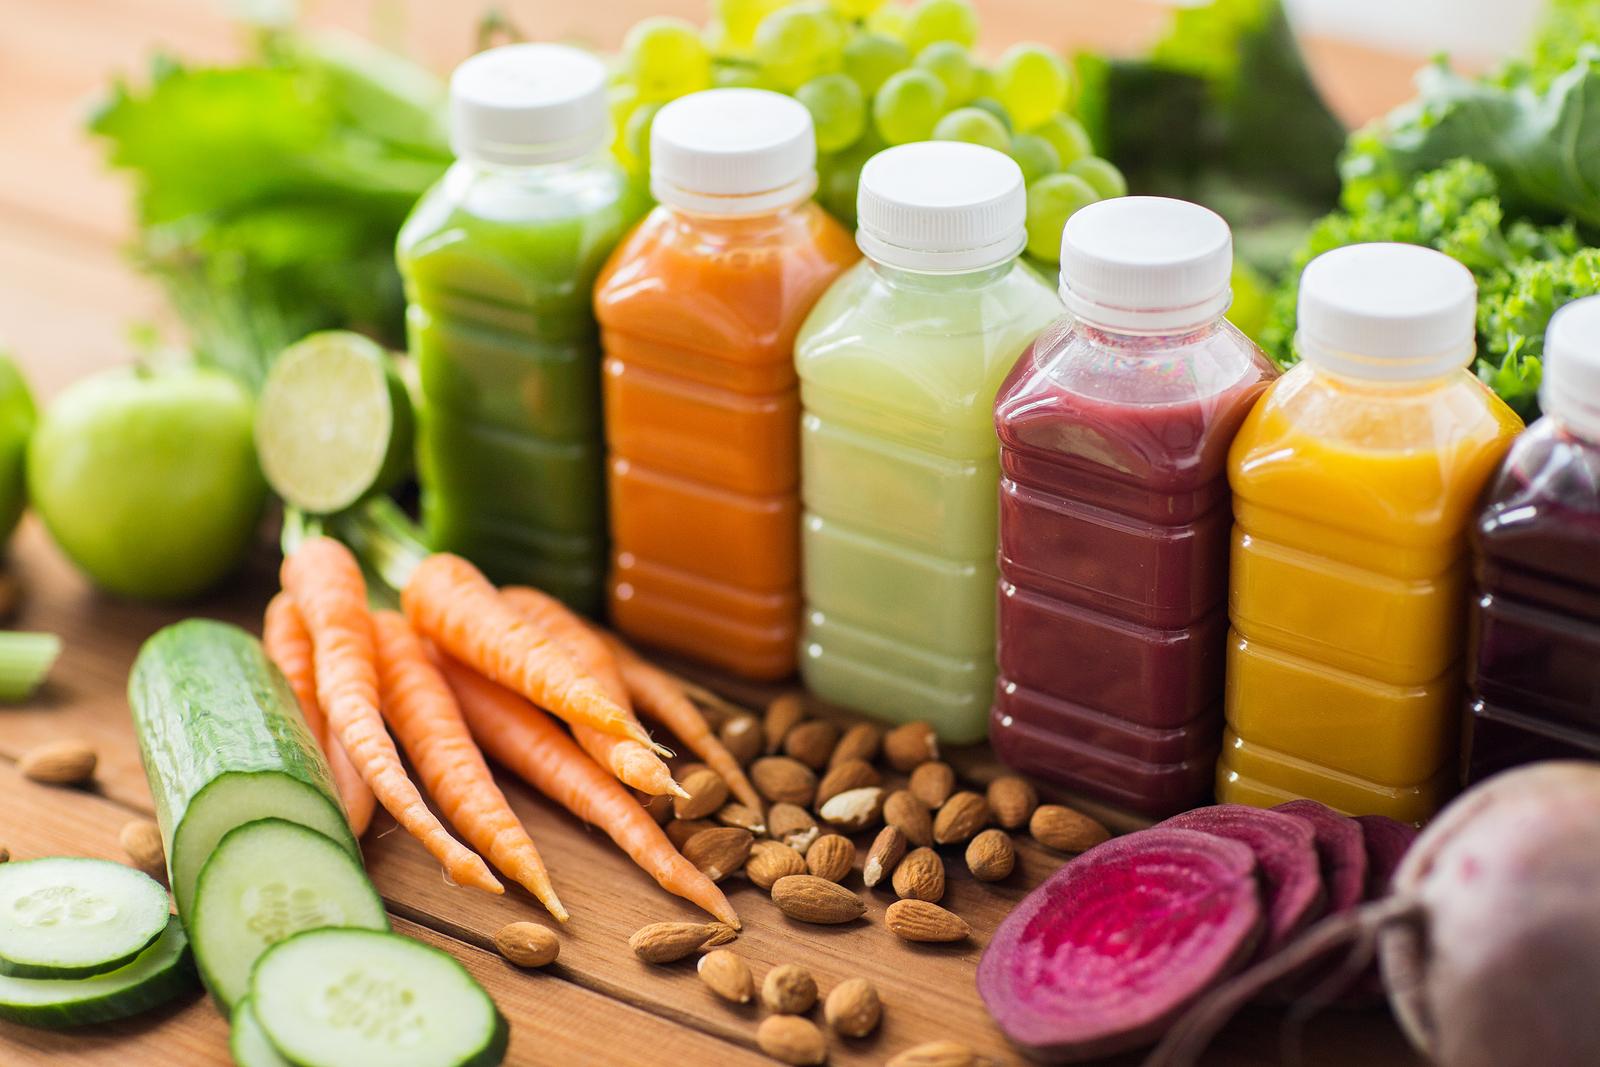 bigstock-healthy-eating-drinks-diet-a-152505773.jpg